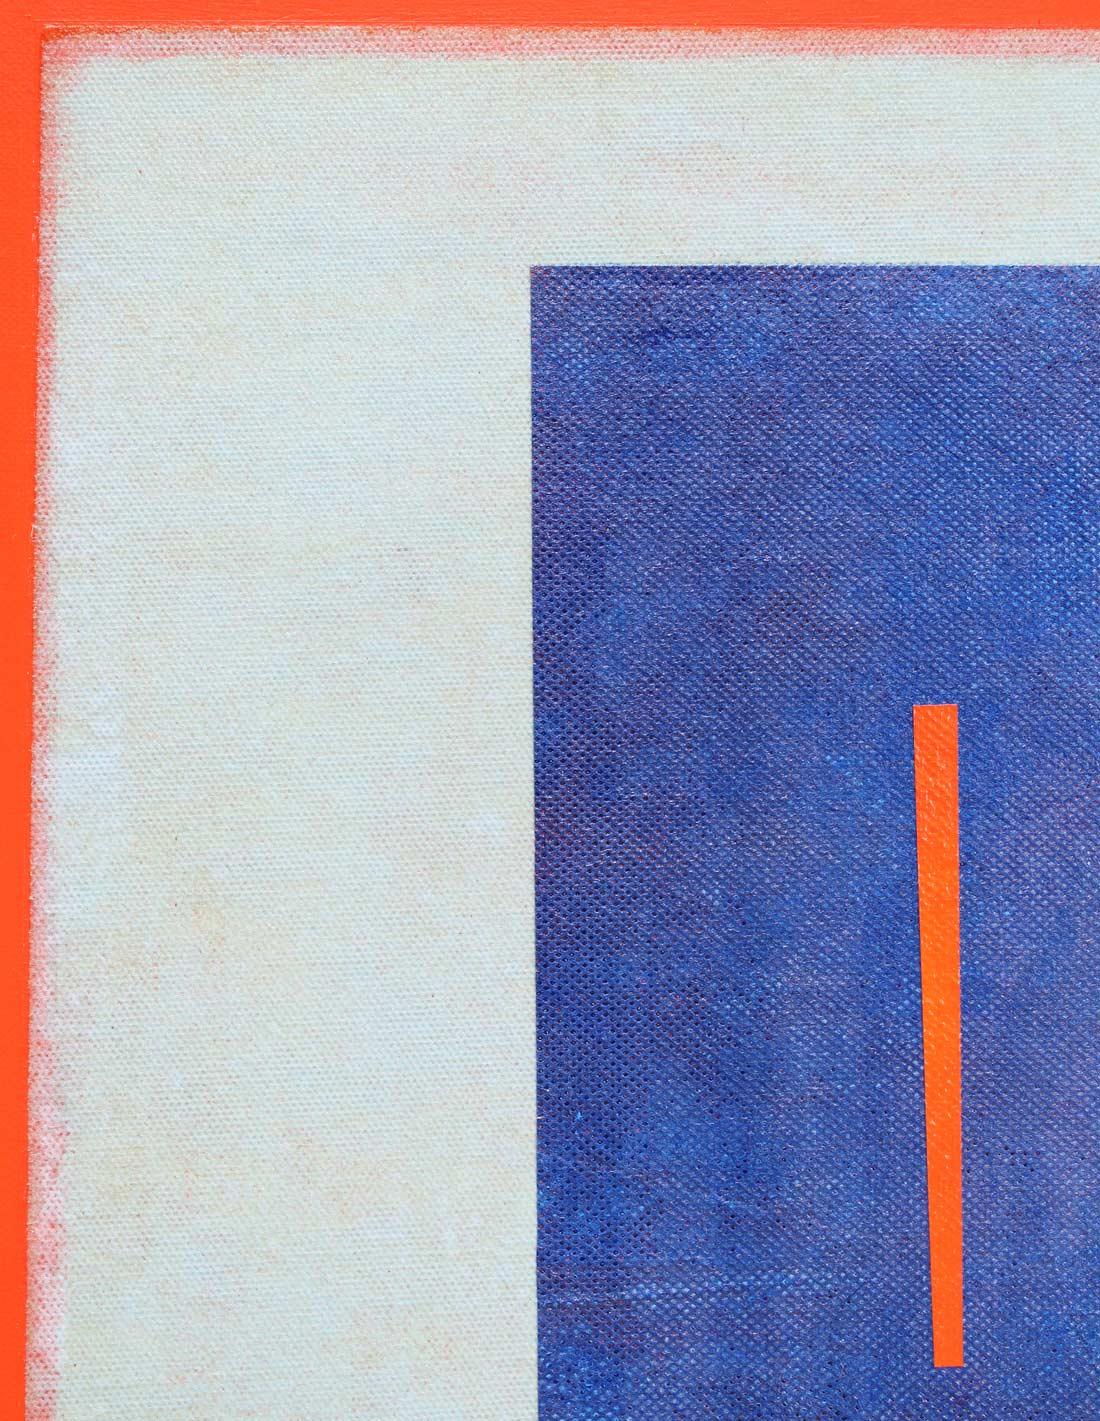 Sans-titre-(fond-orange,-rectangle-bleu)-close-up